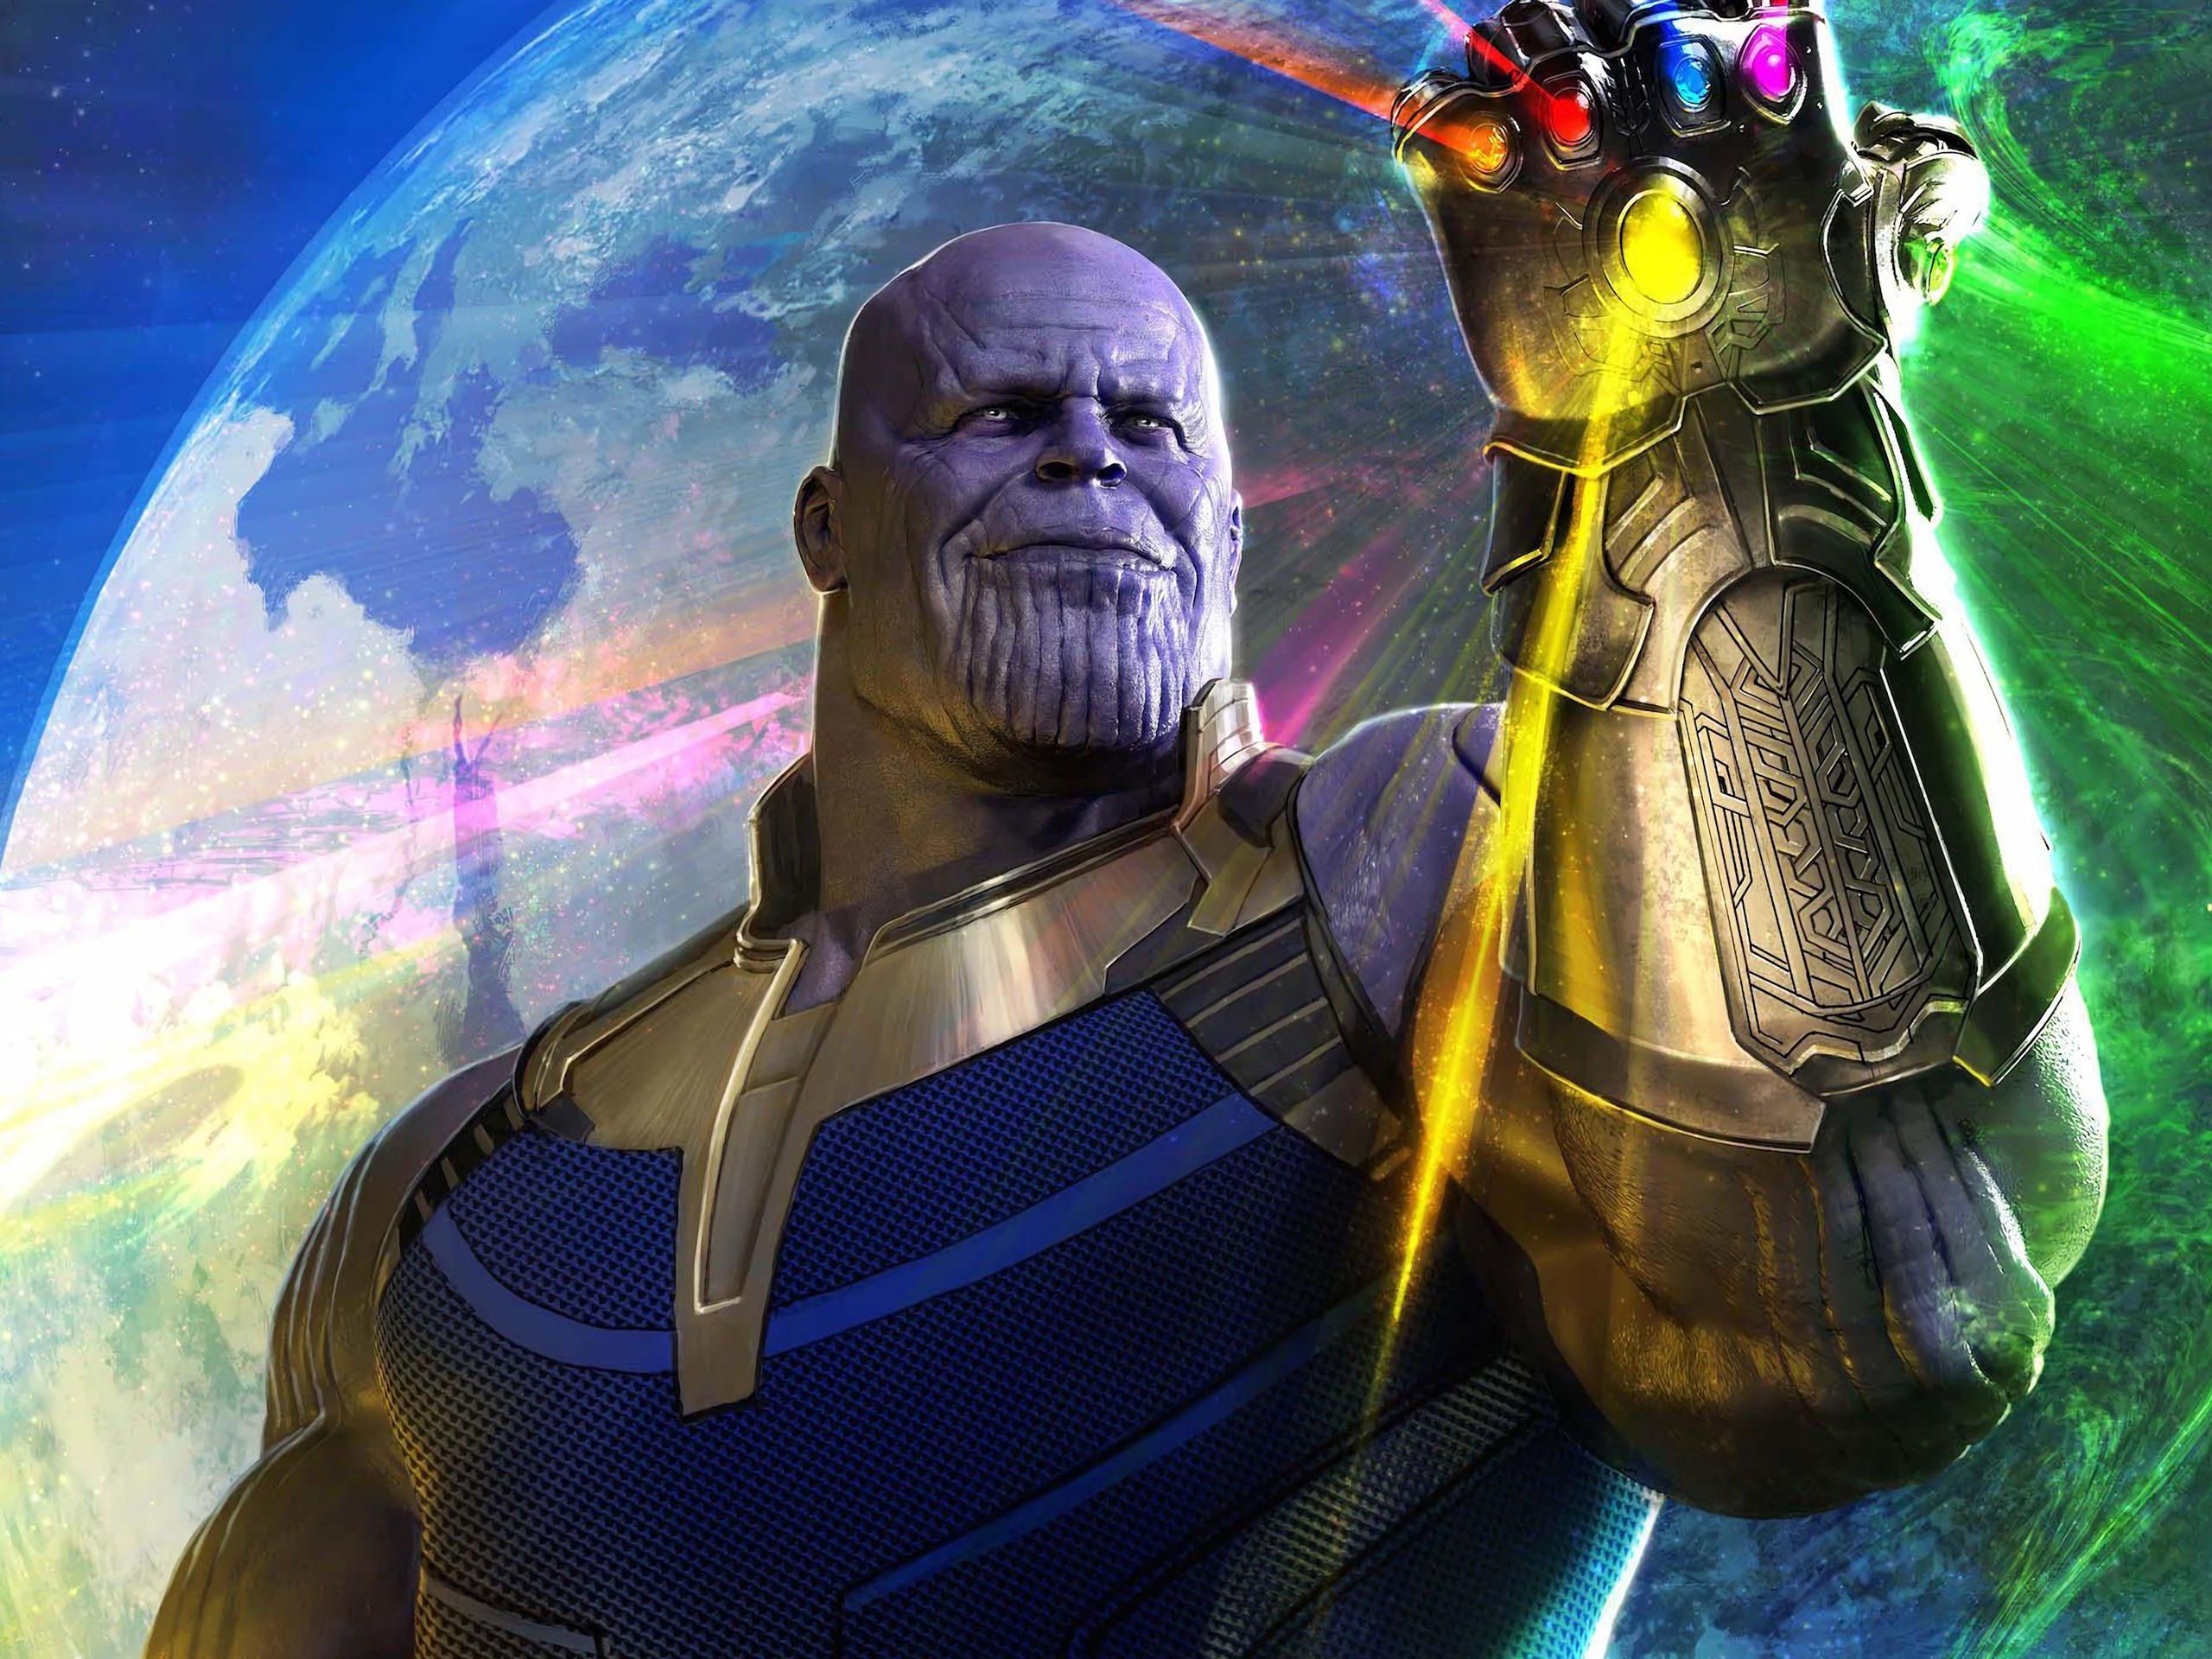 Fondos de pantalla Thanos, Avengers - 1059.6KB